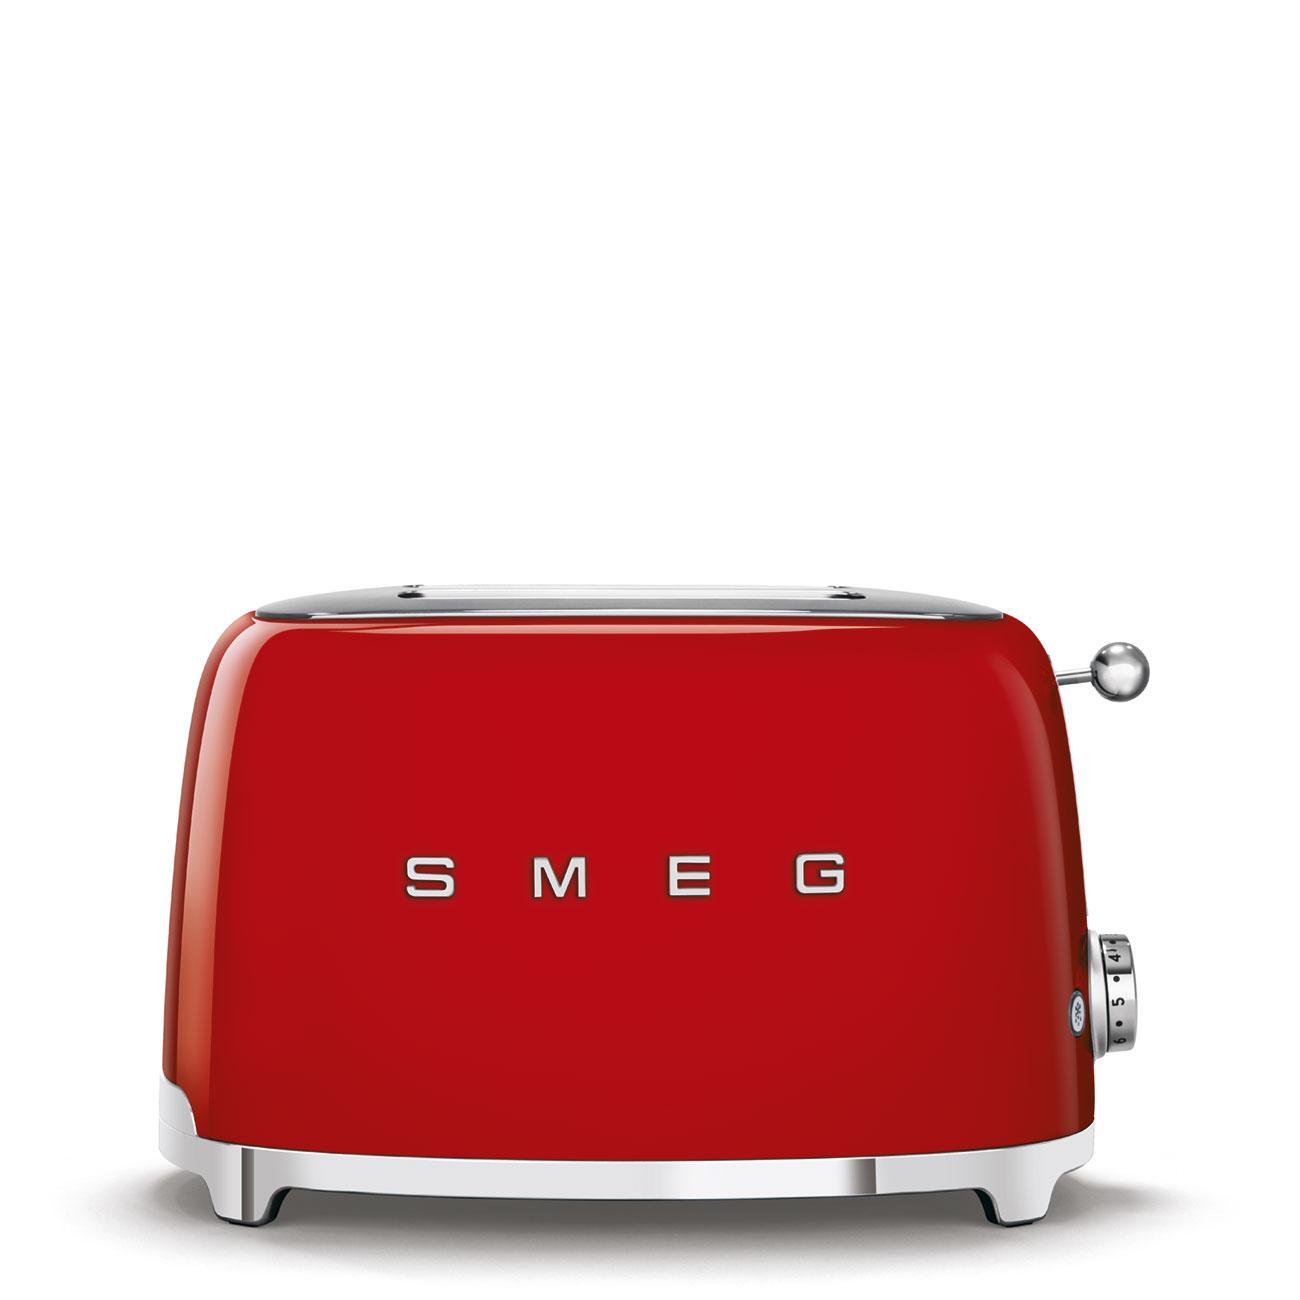 toasters rouge Smeg